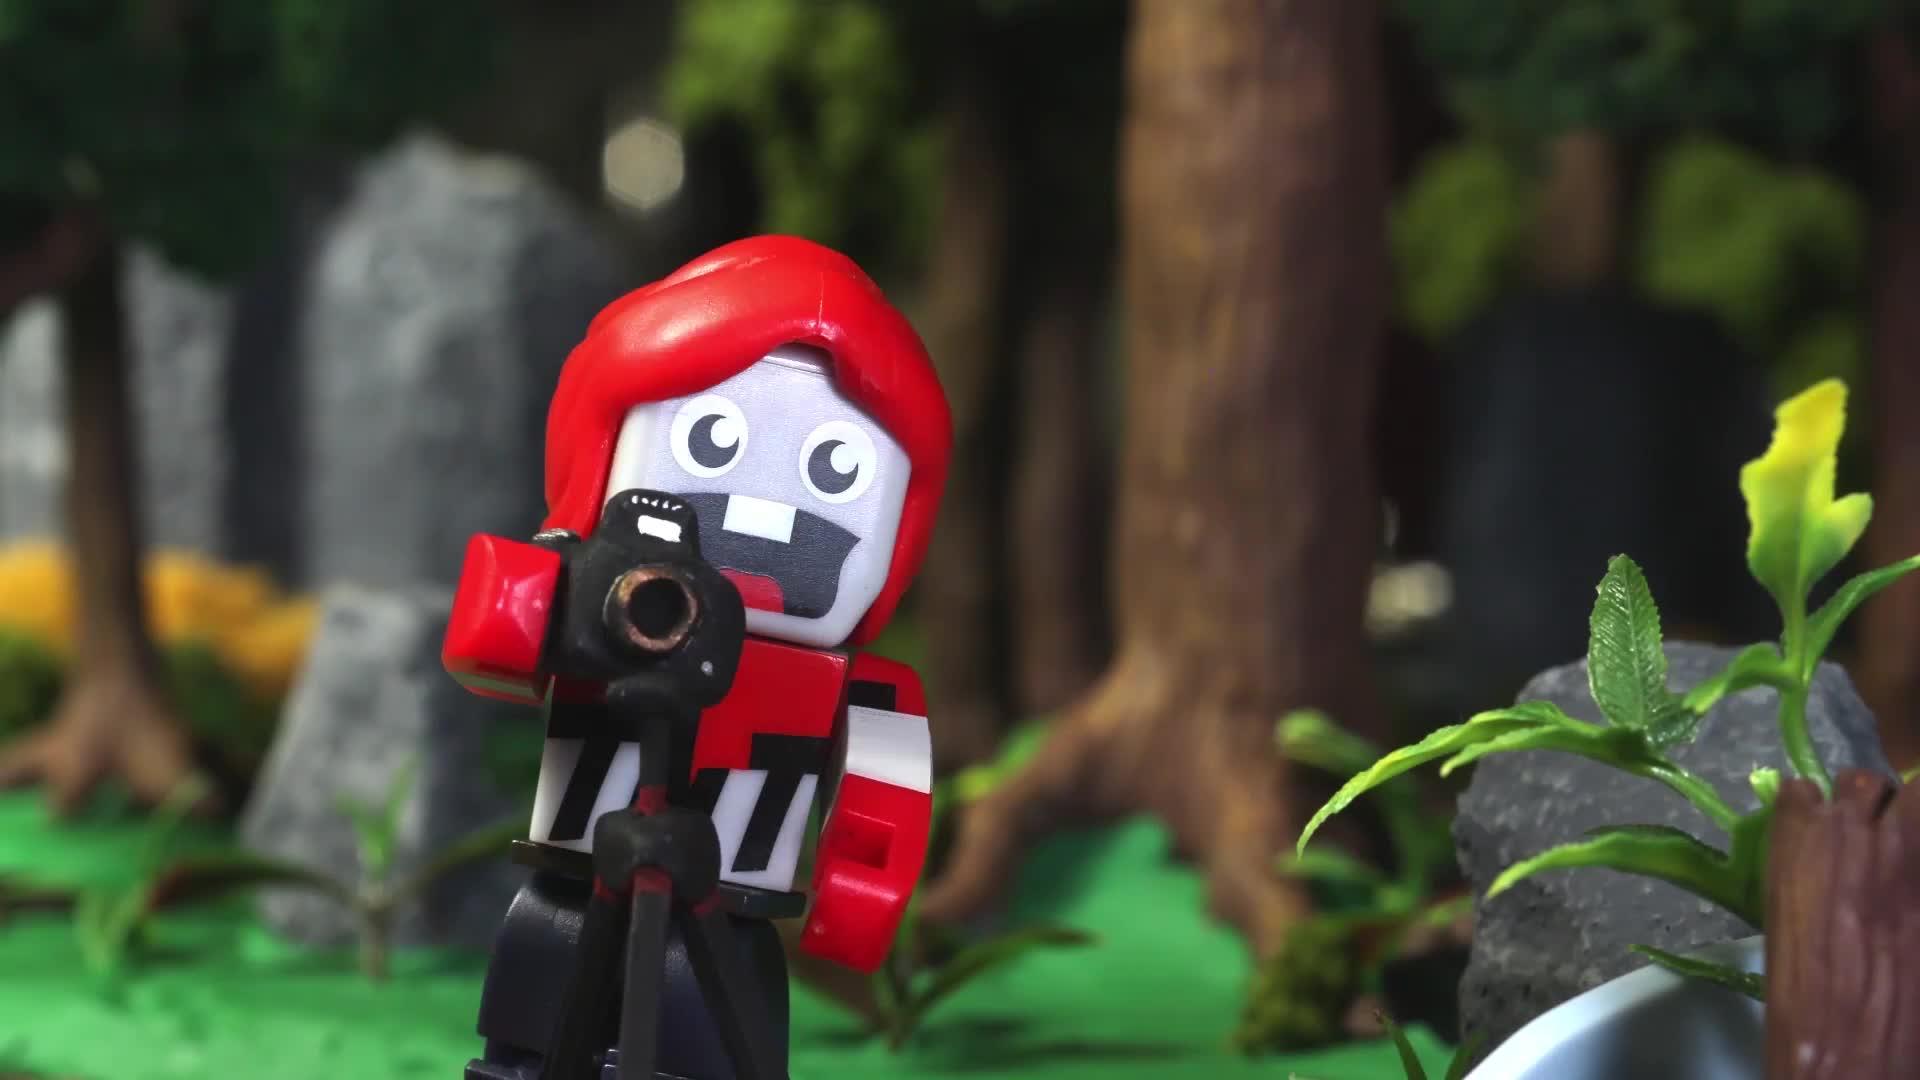 ExplodingTNT